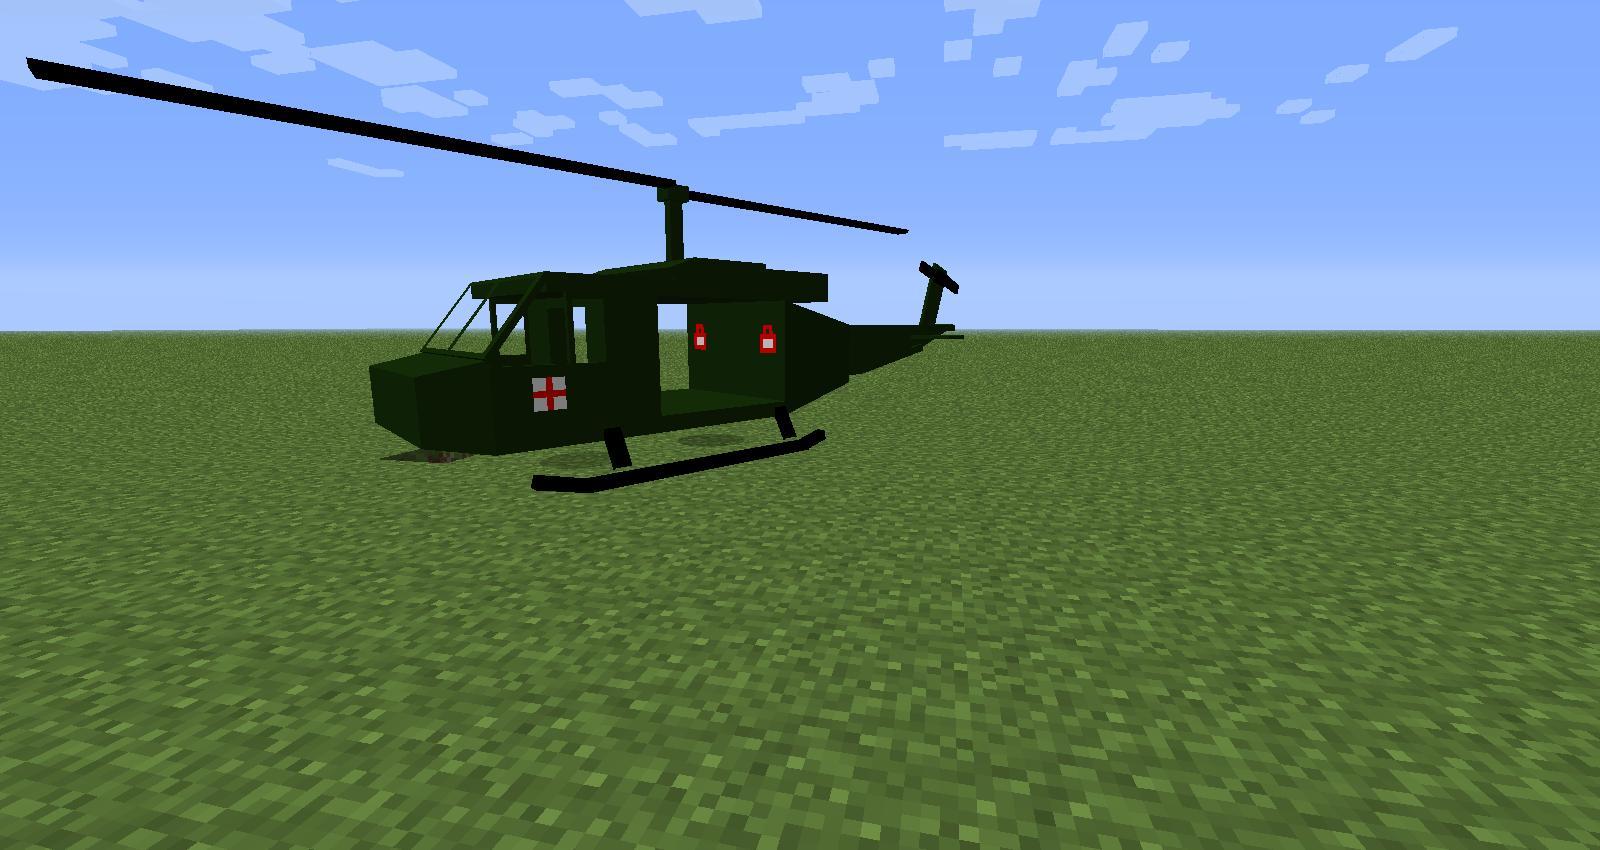 википедия мода майнкрафт helicopter mod #5